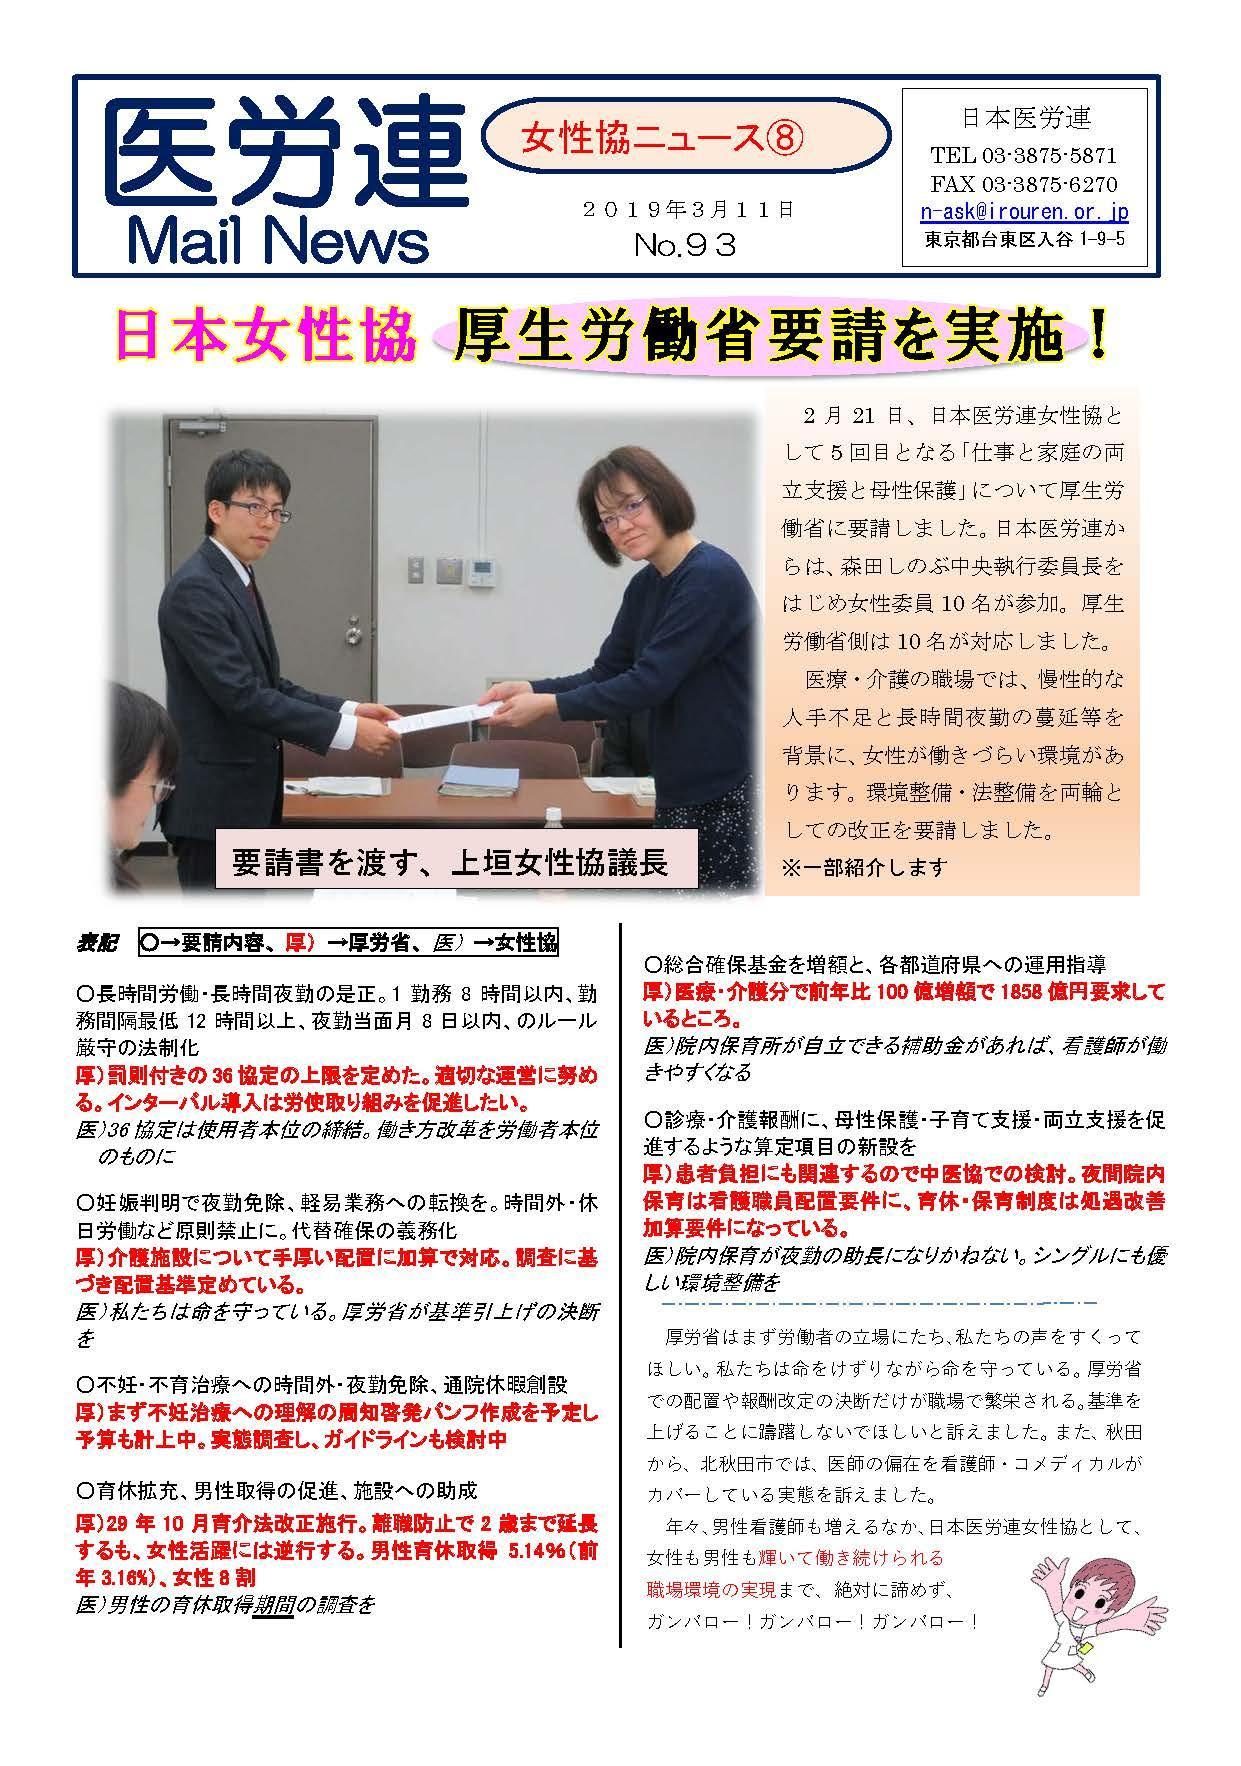 医労連MailNews93号(女性協News8・厚労省要請・母性保護月間)_ページ_1.jpg